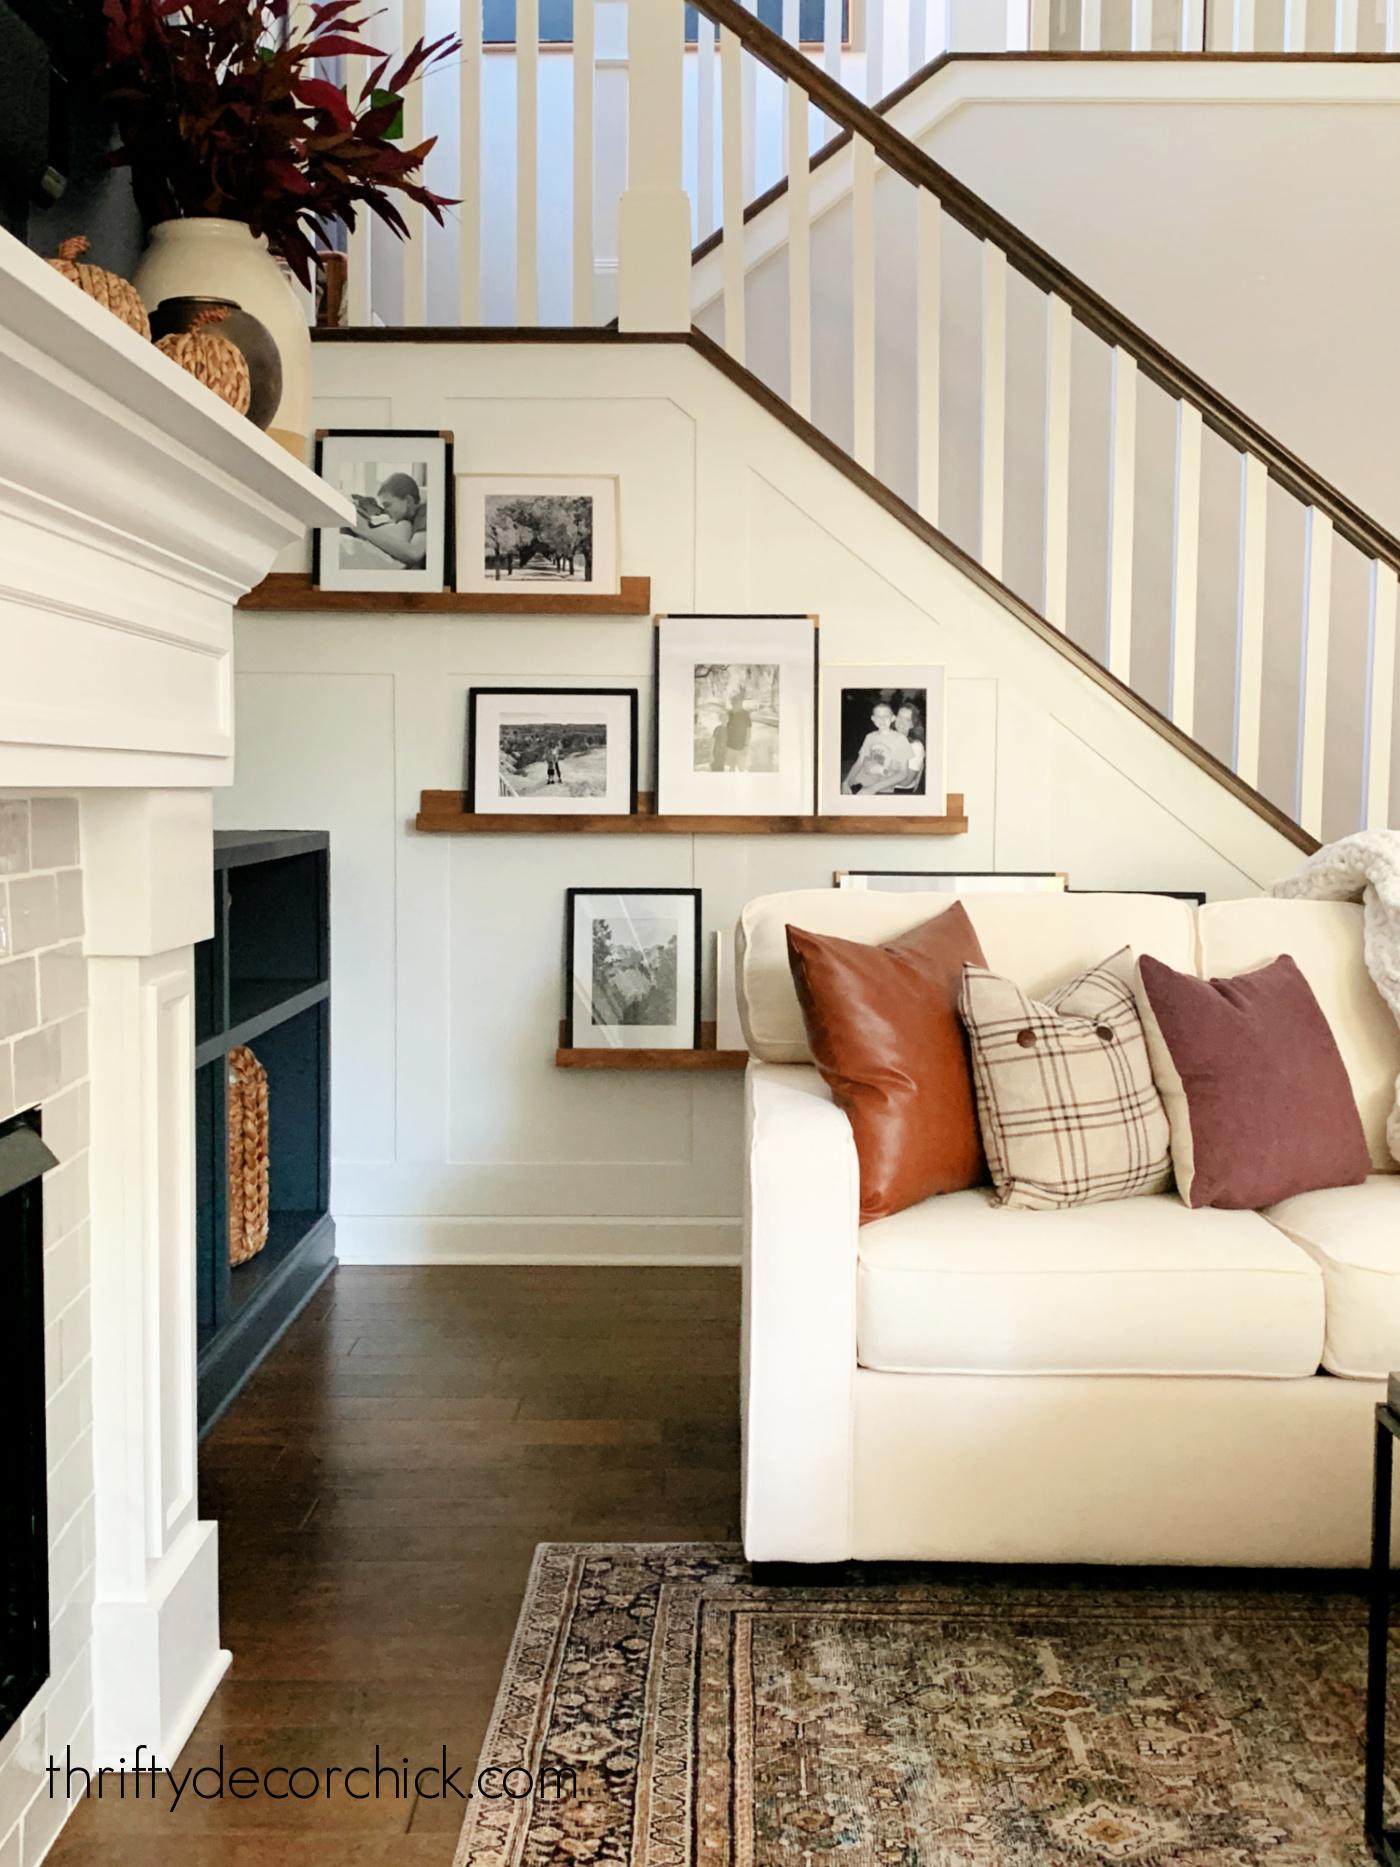 White sofa with warm pillows